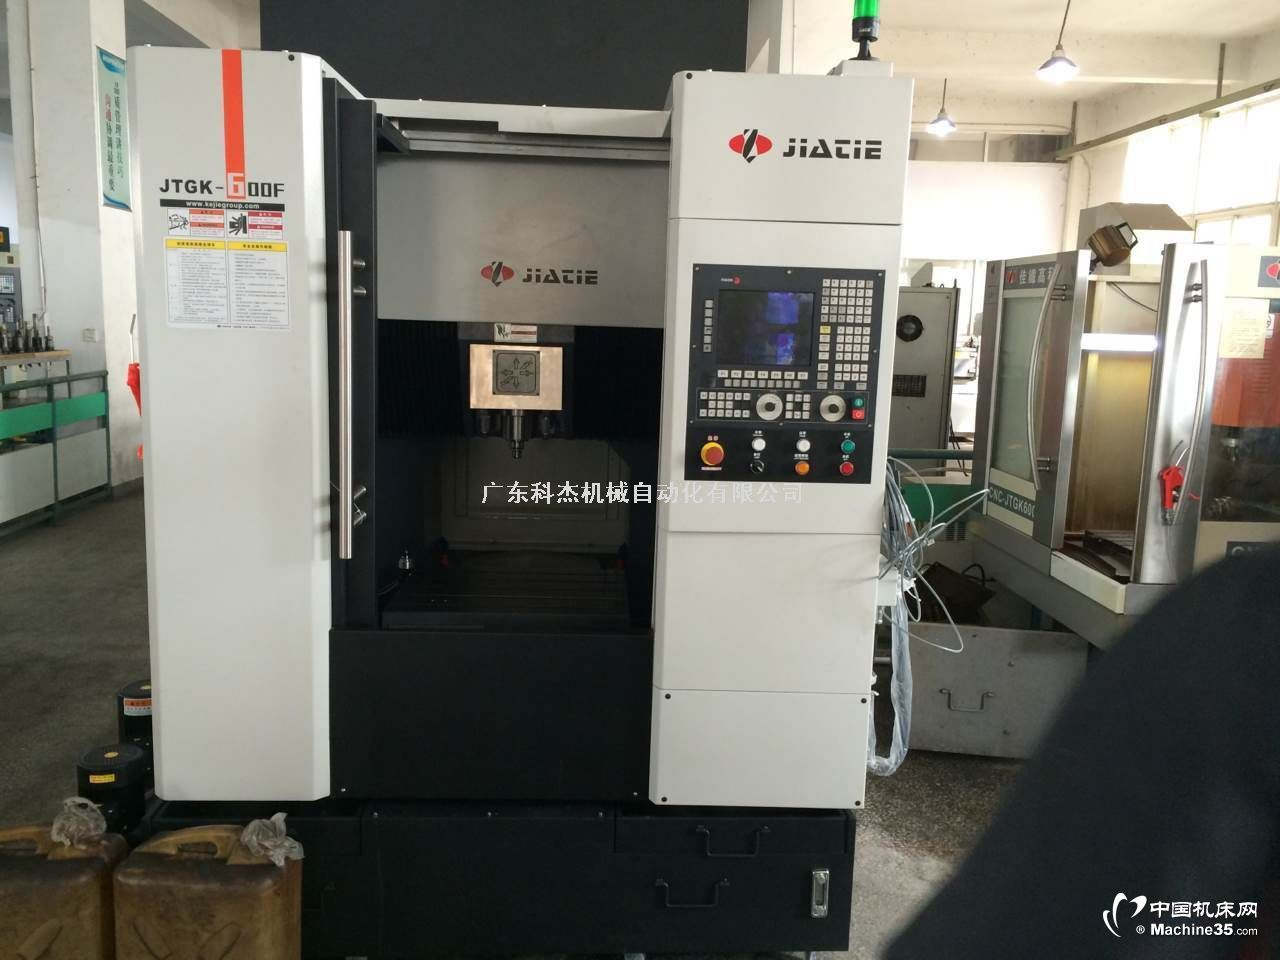 广东佳铁600F数控高速雕铣机600*500*300mm